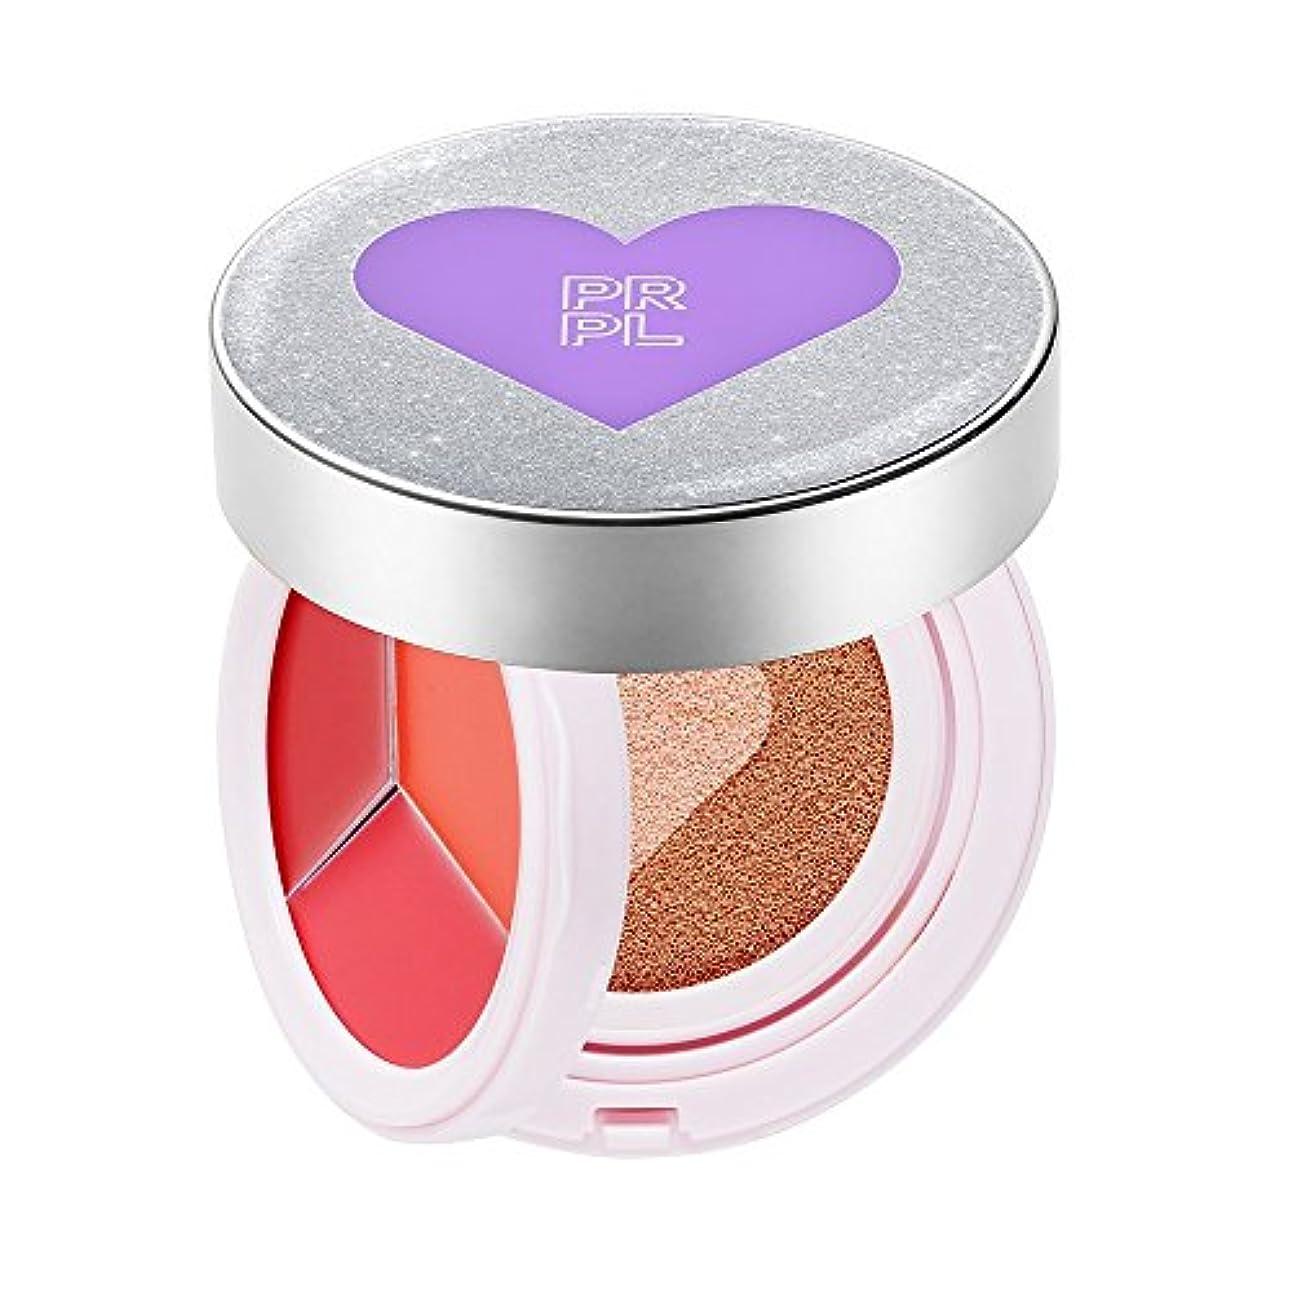 悪性腫瘍地元なのでPRPL Kiss&Heart Cushion Silver Edition(Lip Glow Pink/Lip Glow Orange/Lip Glow Red) Triple Heart Cushion Compact...